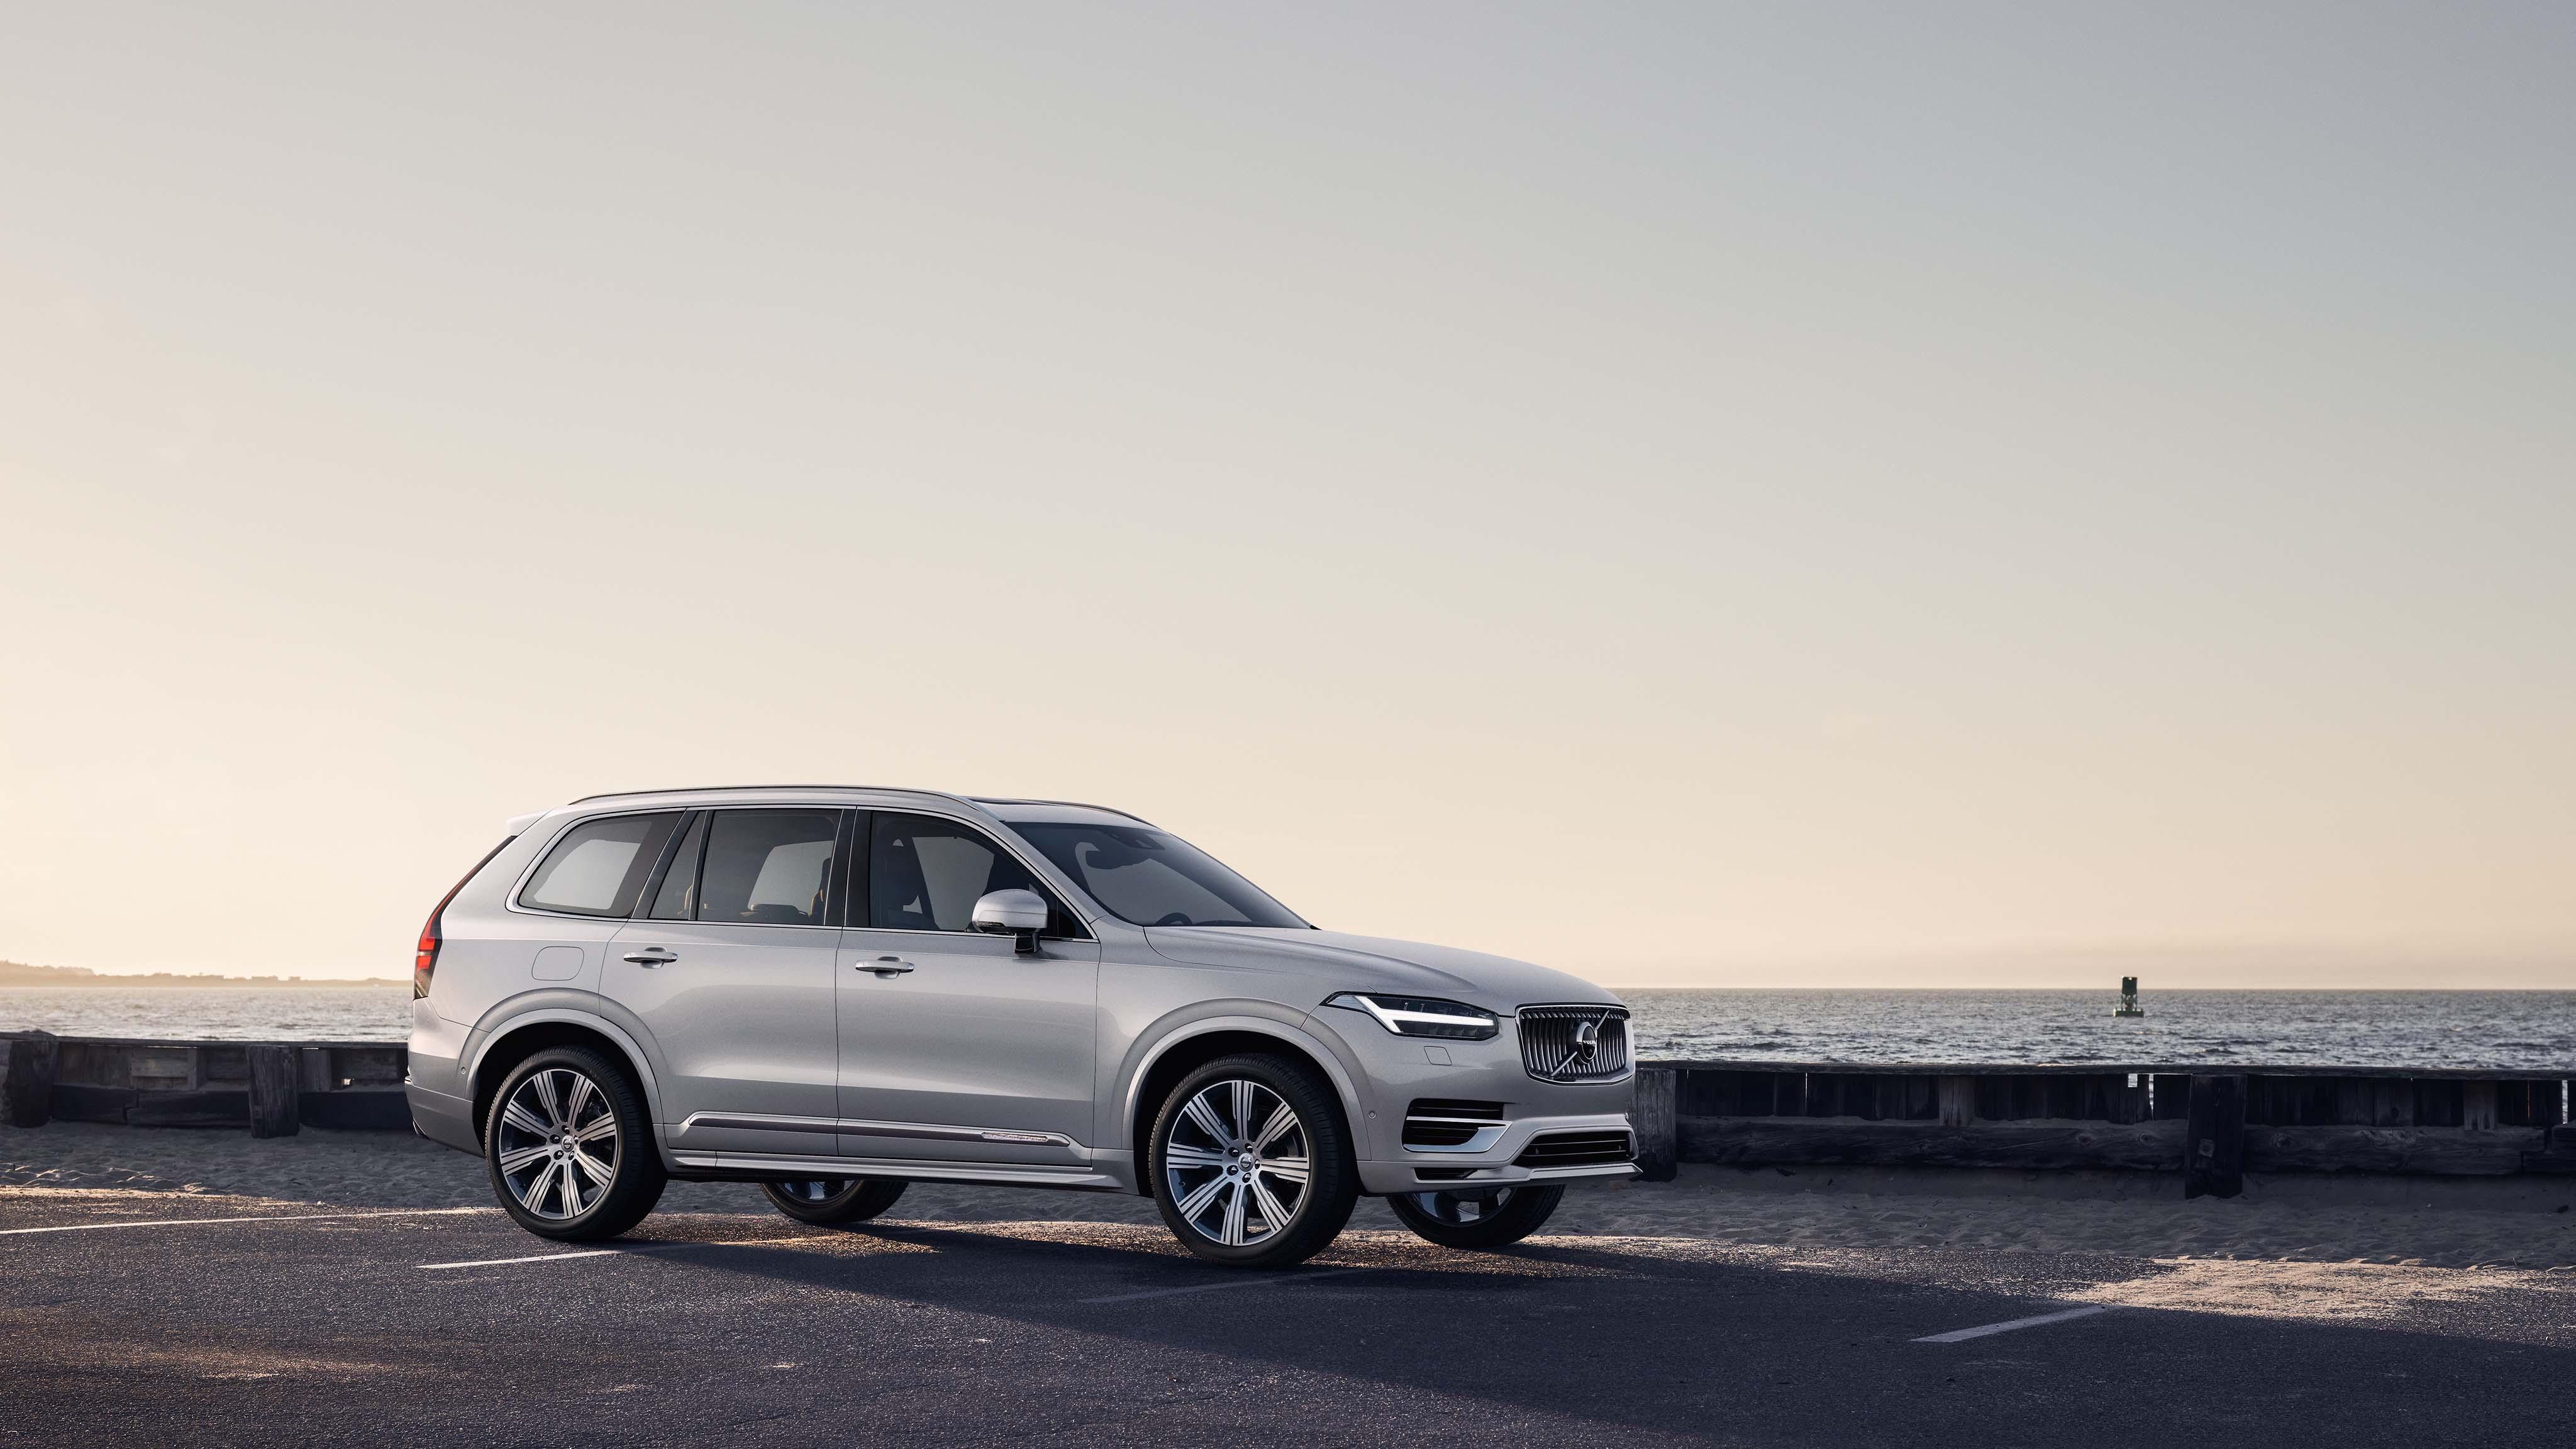 Bakåtvänd barnstol V90 2018 Volvo Cars Tillbehör